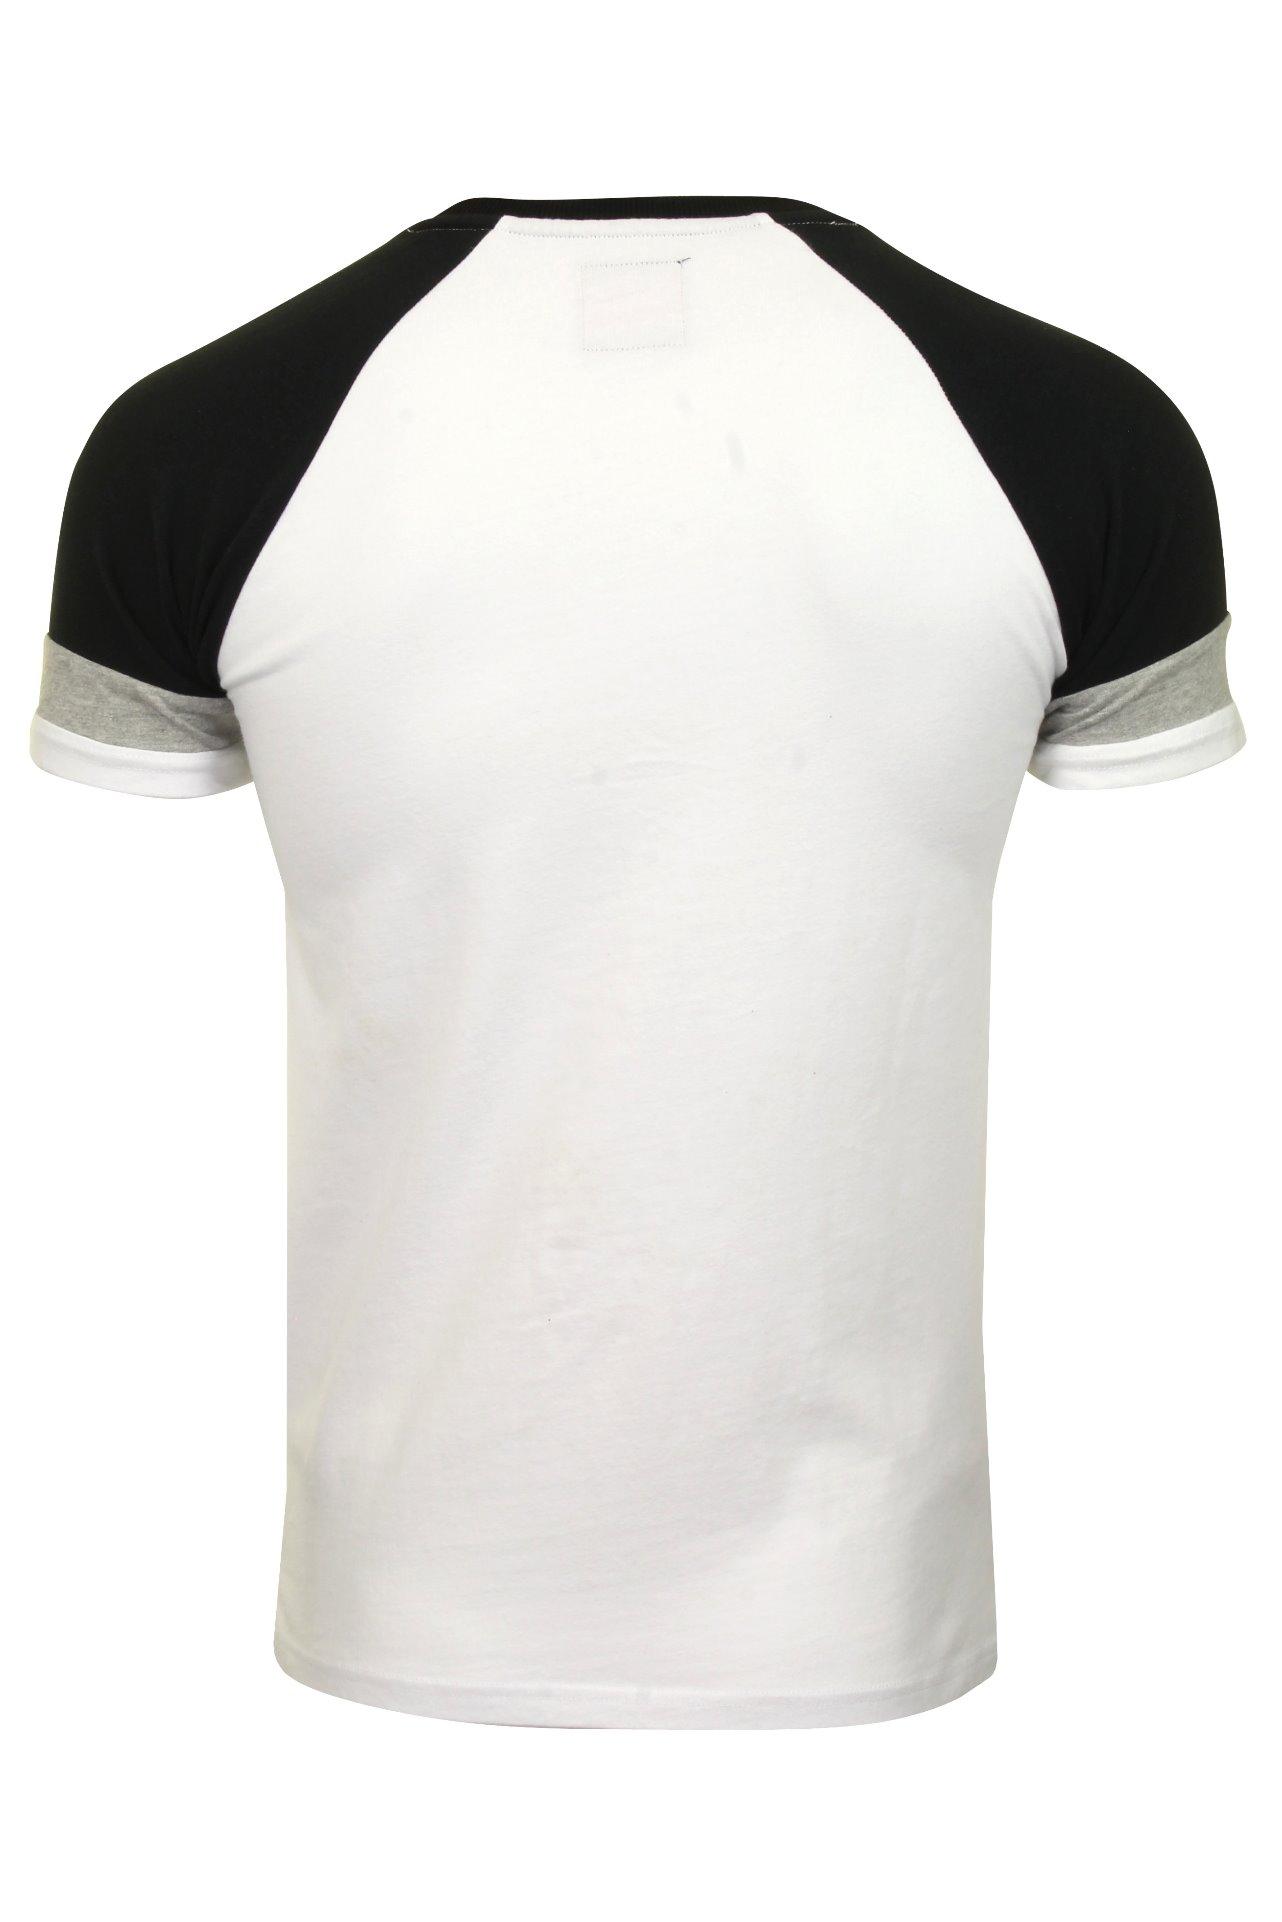 Superdry-Homme-Raglan-T-shirt-034-VL-tri-couleur-Raglan-Tee-034-a-Manches-Courtes miniature 5